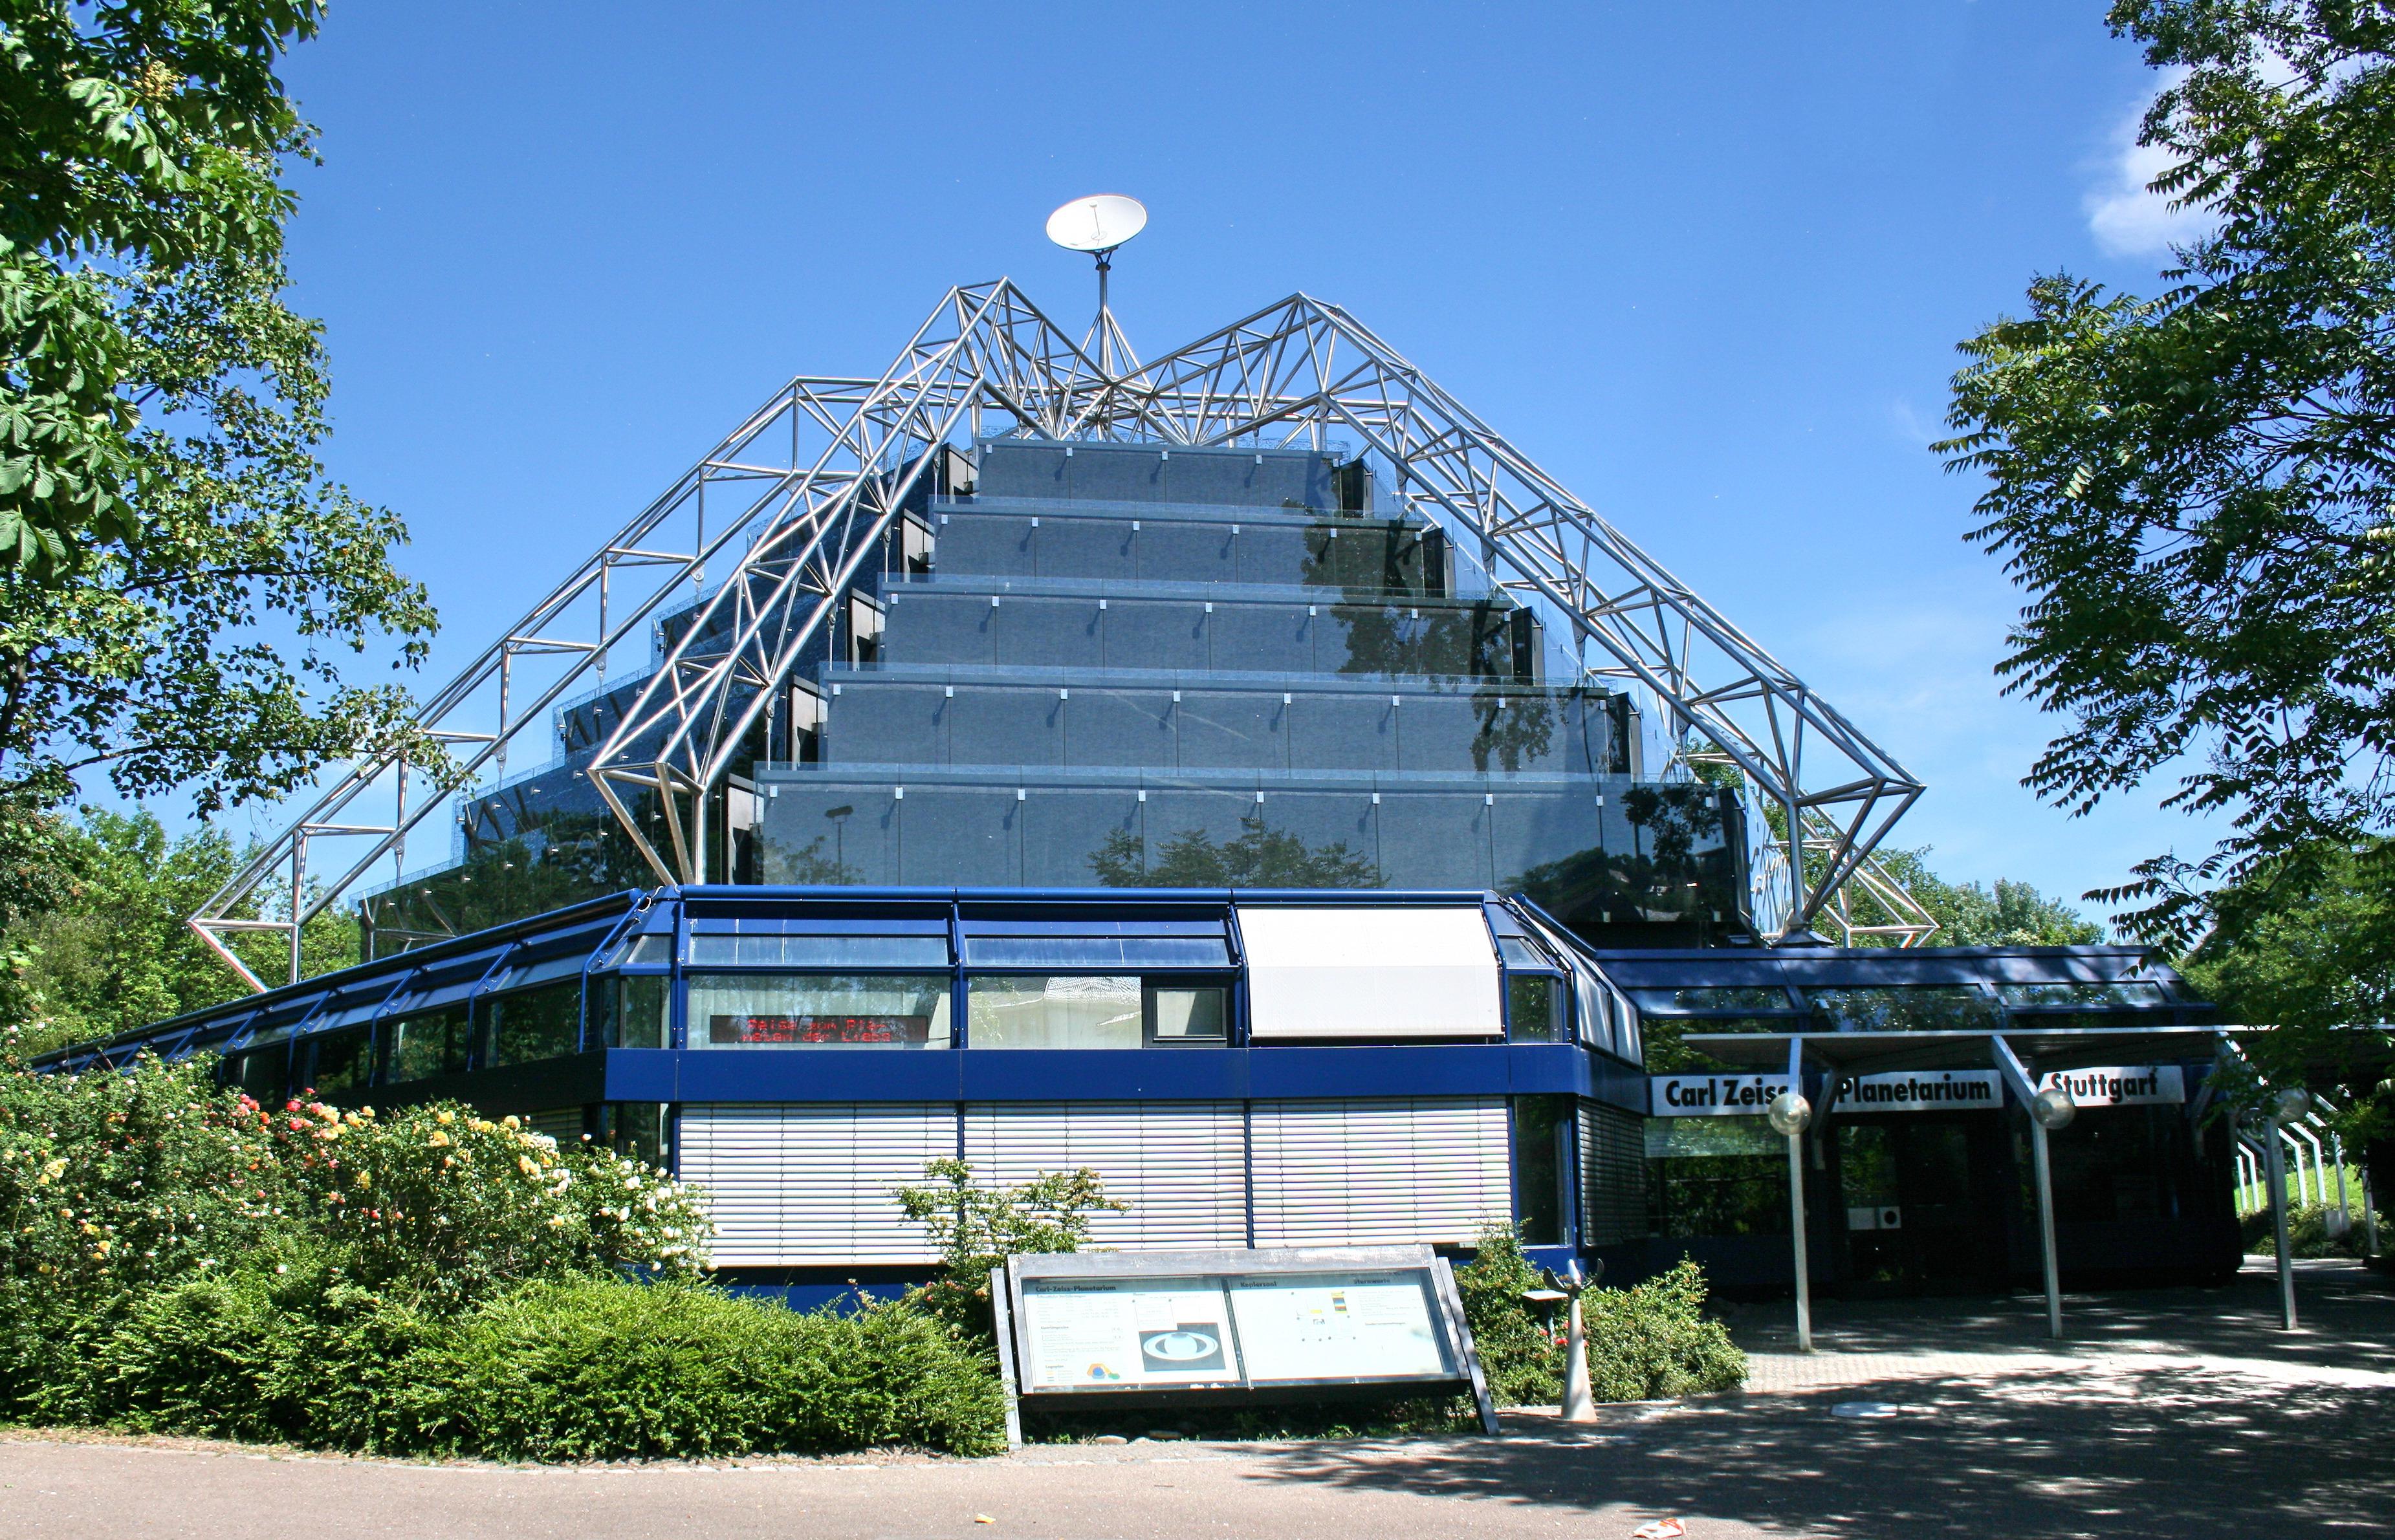 Planetarium Stuttgart